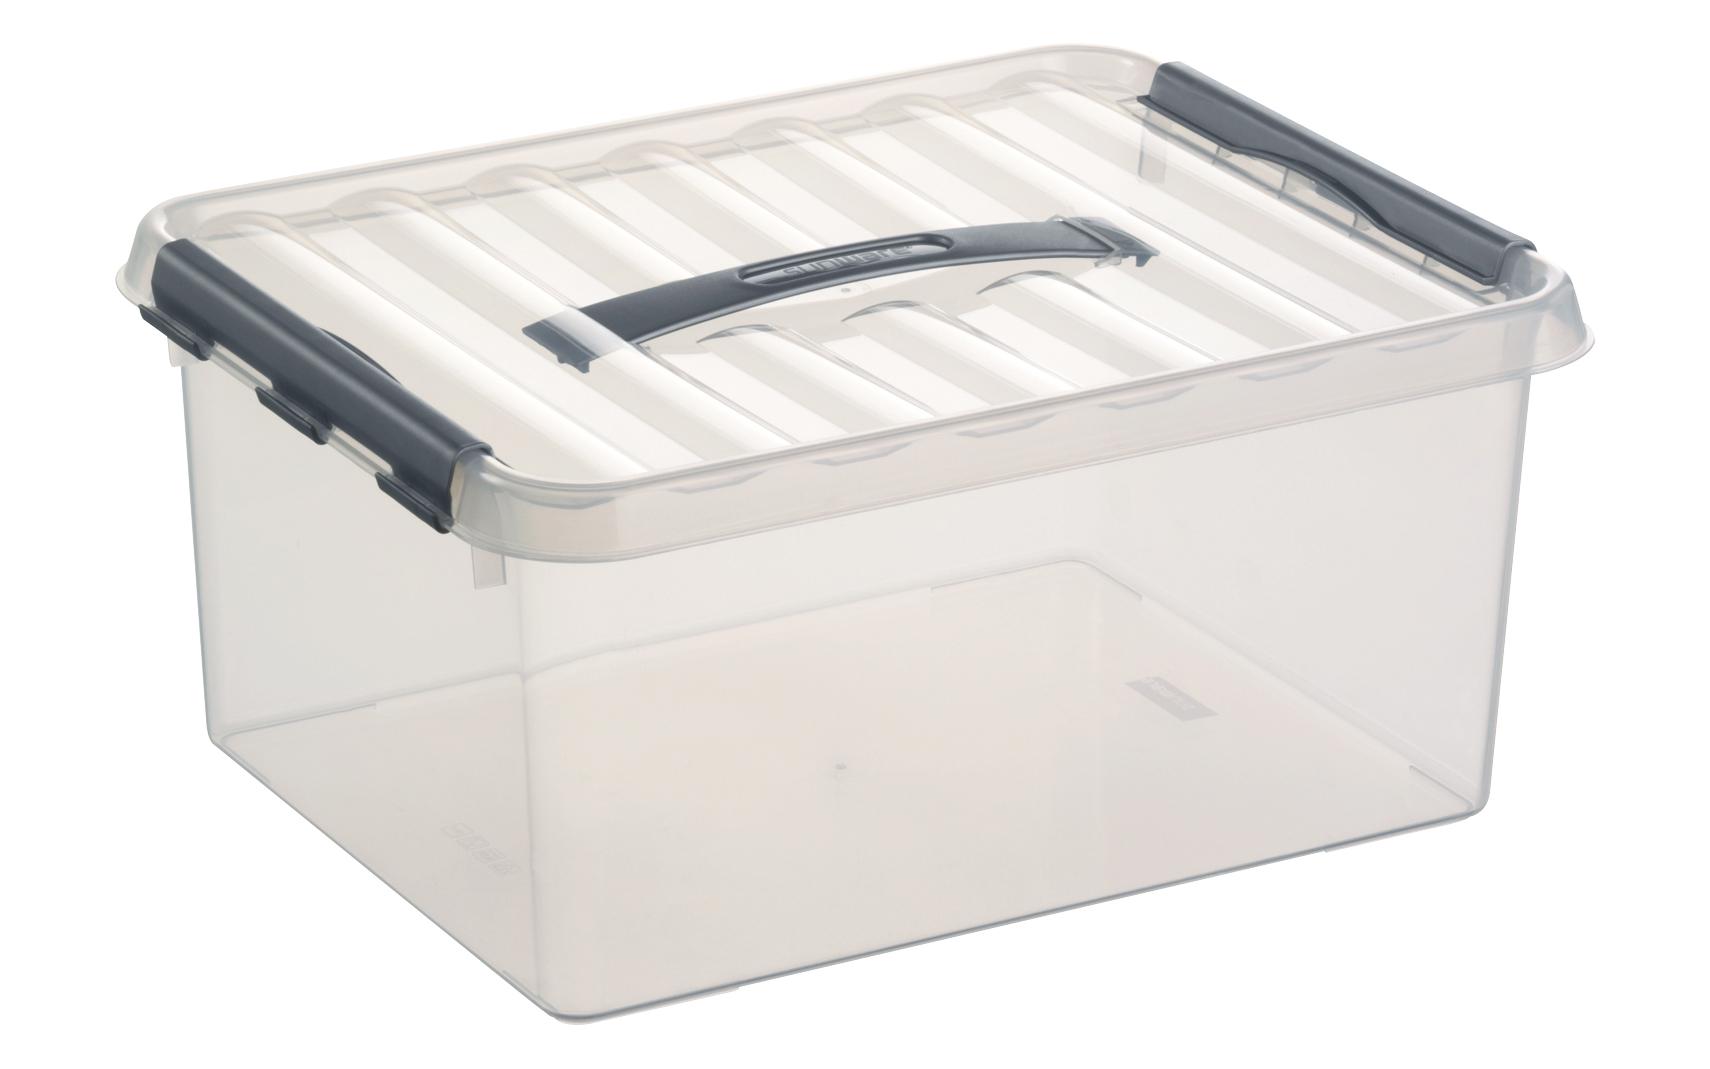 preisvergleich 6 x sunware aufbewahrungsbox mit deckel. Black Bedroom Furniture Sets. Home Design Ideas